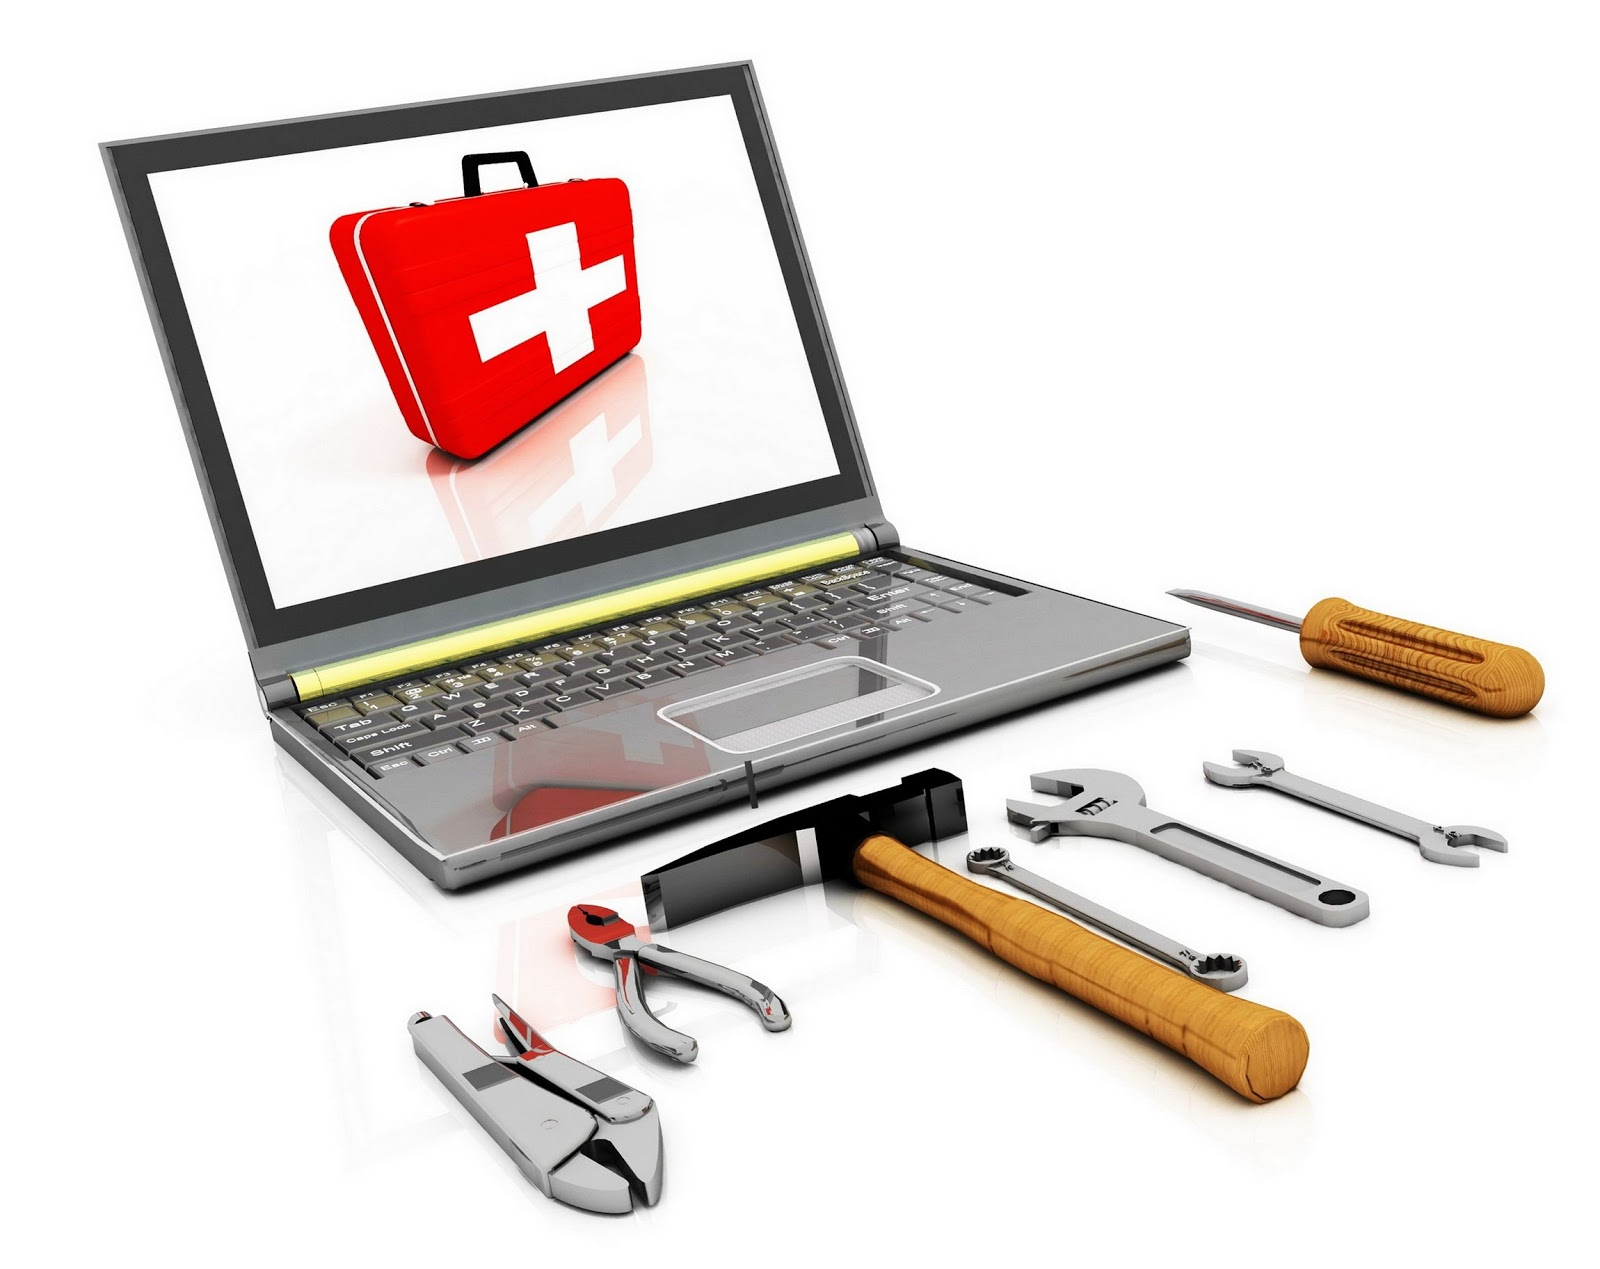 Ремонт ноутбуков Одесса, системные неполадки и ремонт ноутбука